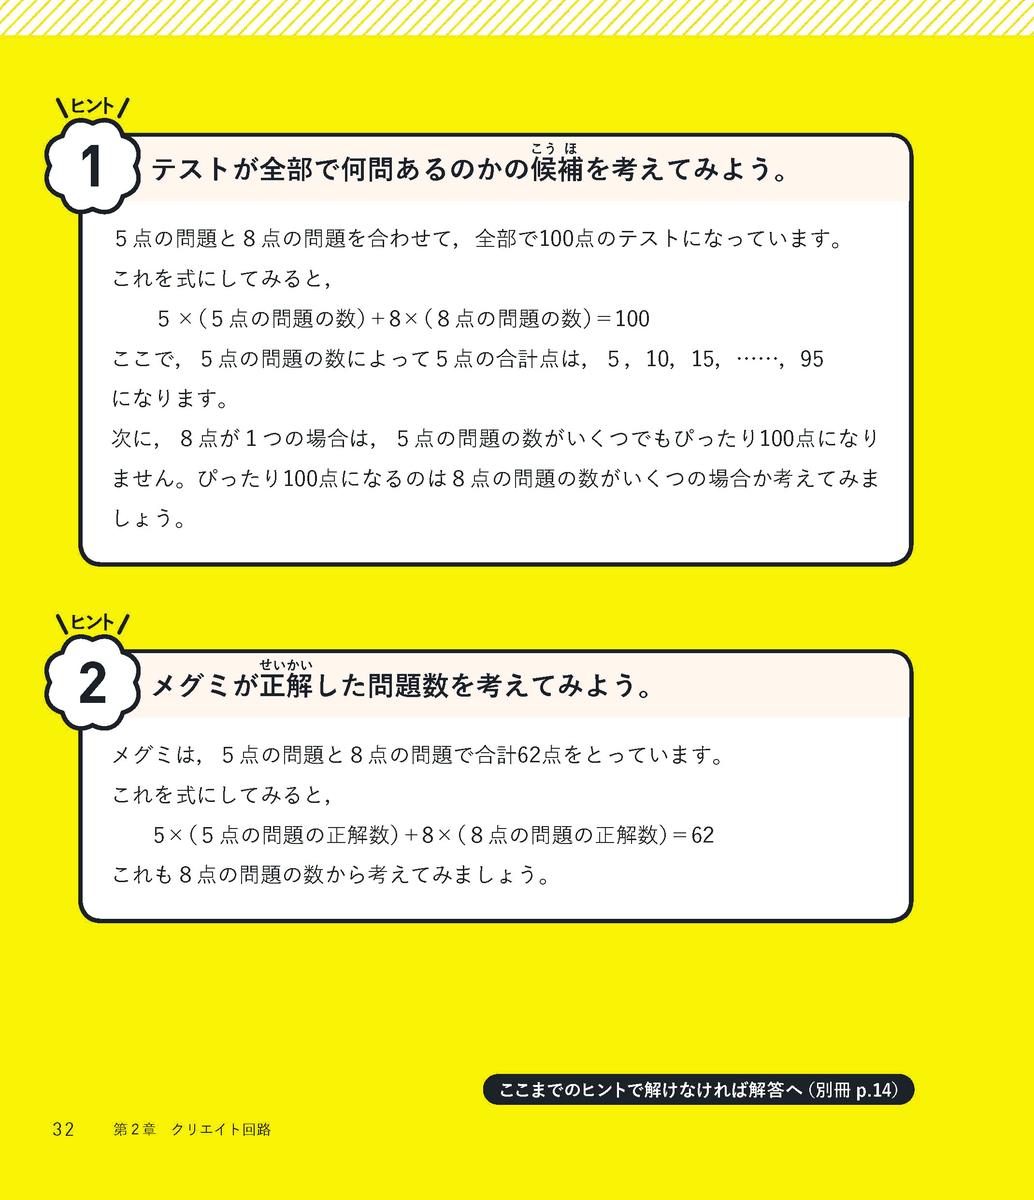 f:id:mojiru:20200703090606j:plain